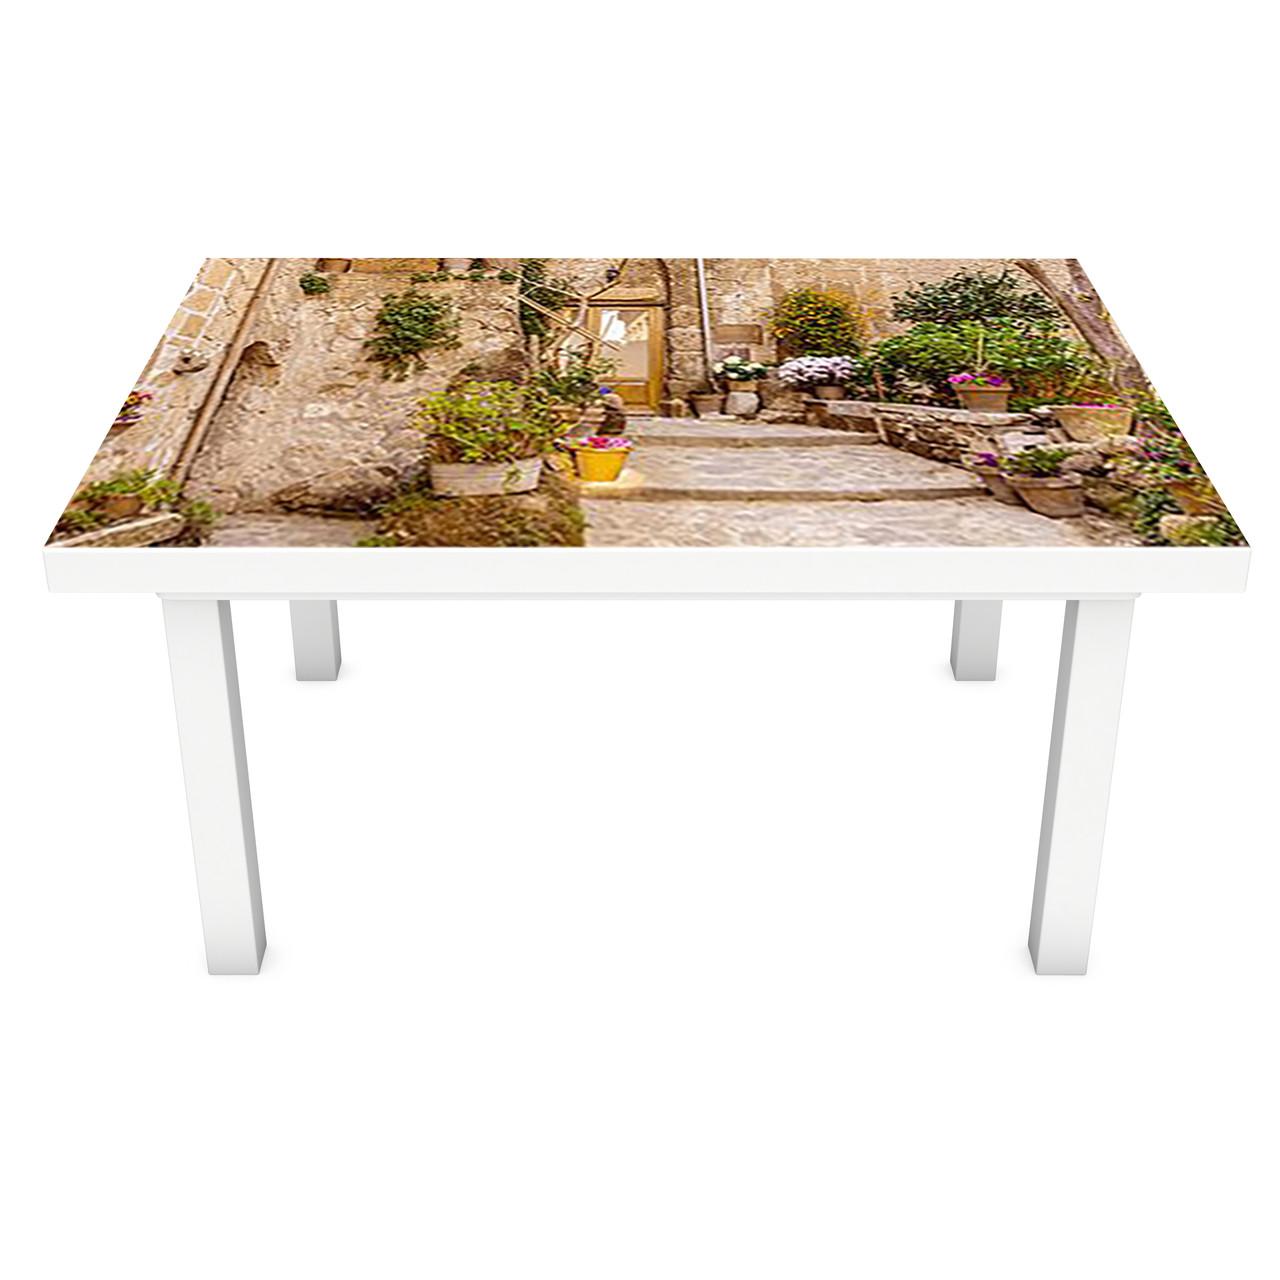 Наклейка на стол Двери в Прованс ПВХ интерьерная пленка для мебели каменные улицы Бежевый 600*1200 мм